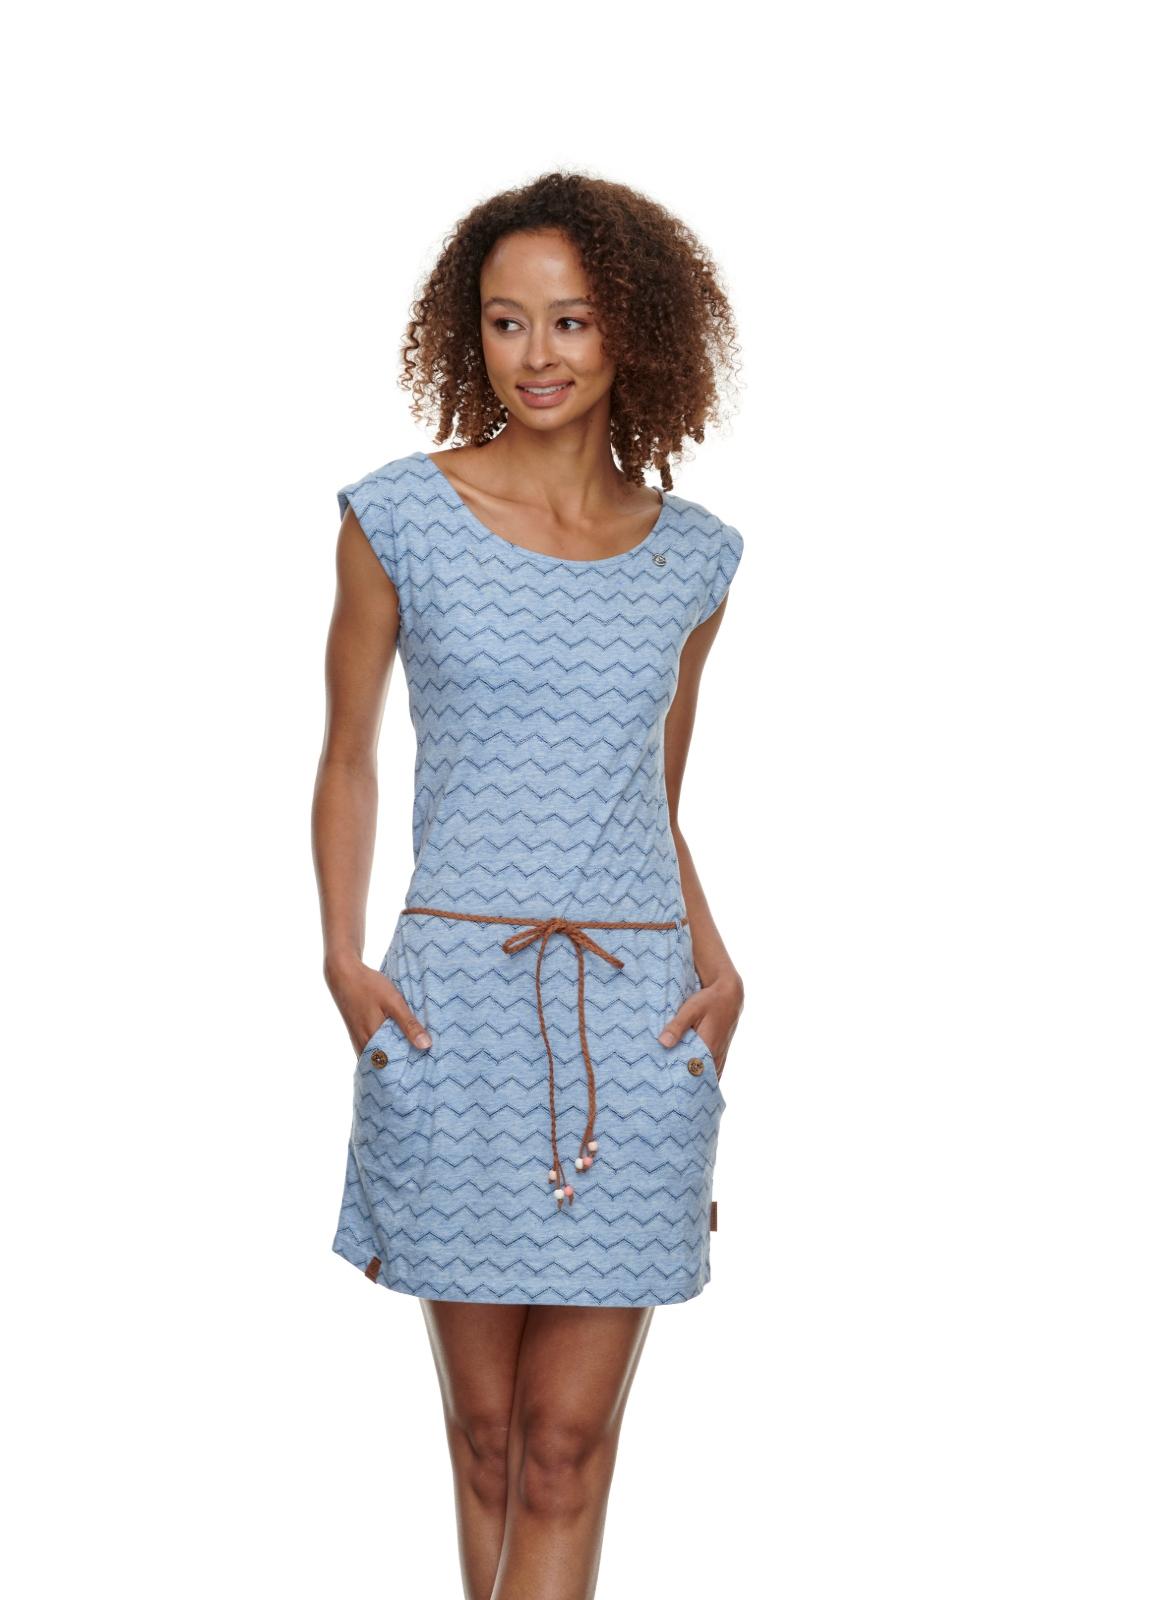 Ragwear Damen Kleid Tag Chevron blau weiß gemustert 2111 20016 2040 blue